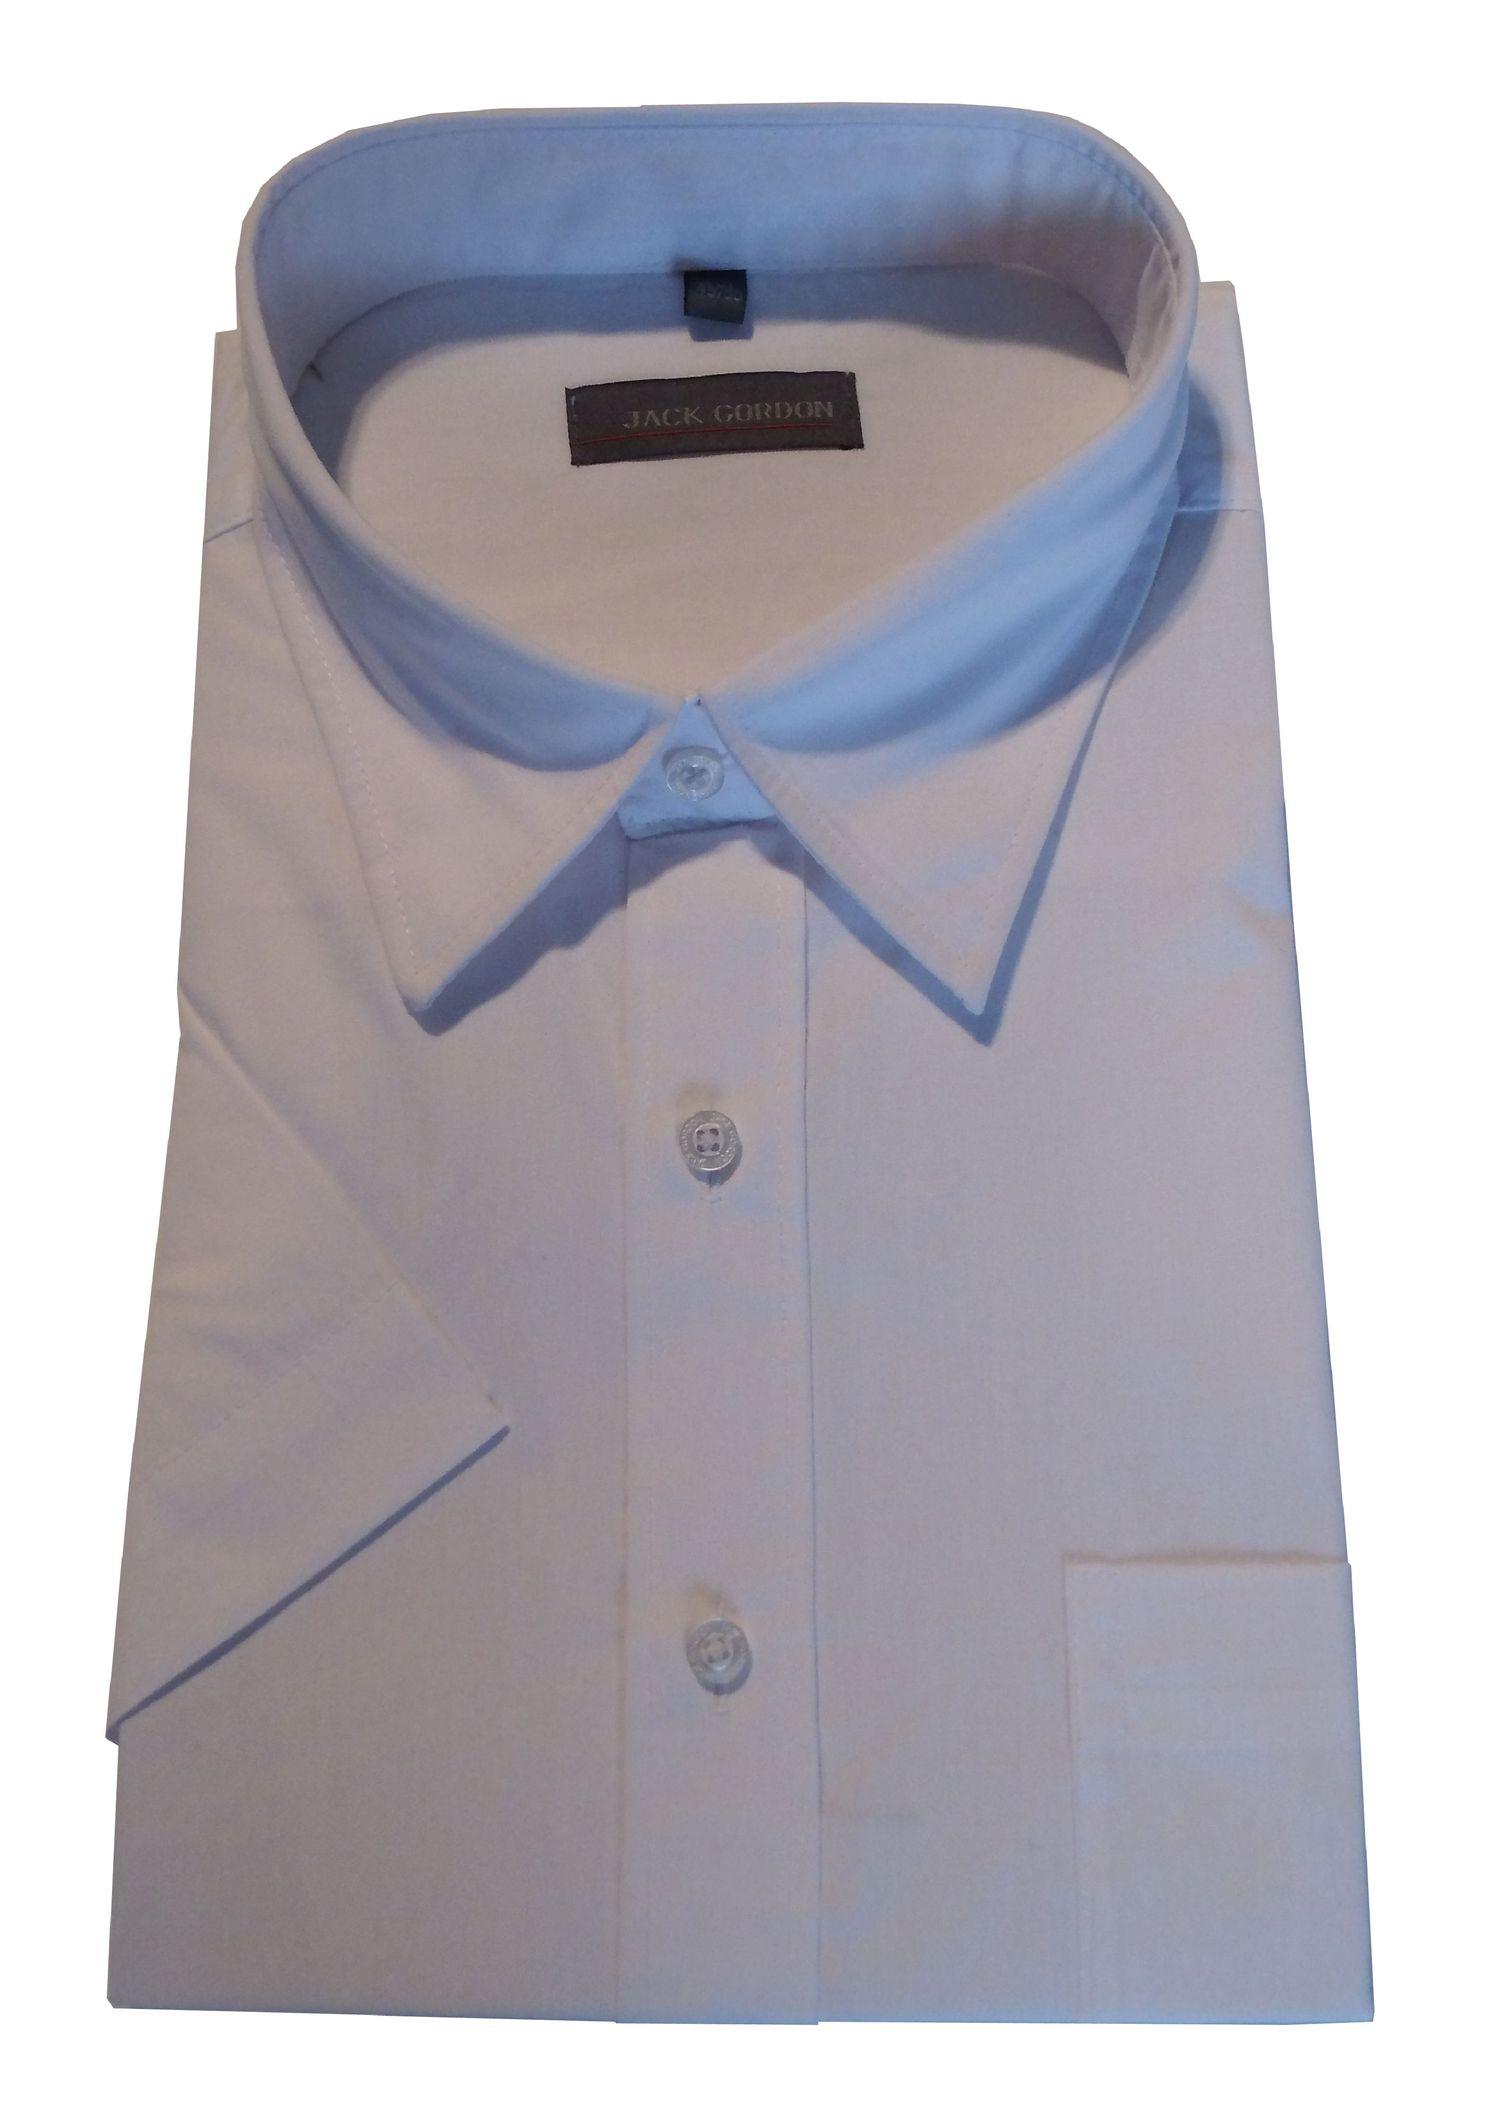 Herren Hemd Kurzarm weiß - in Übergröße 3XL bis 6XL, 7980 – Bild 1